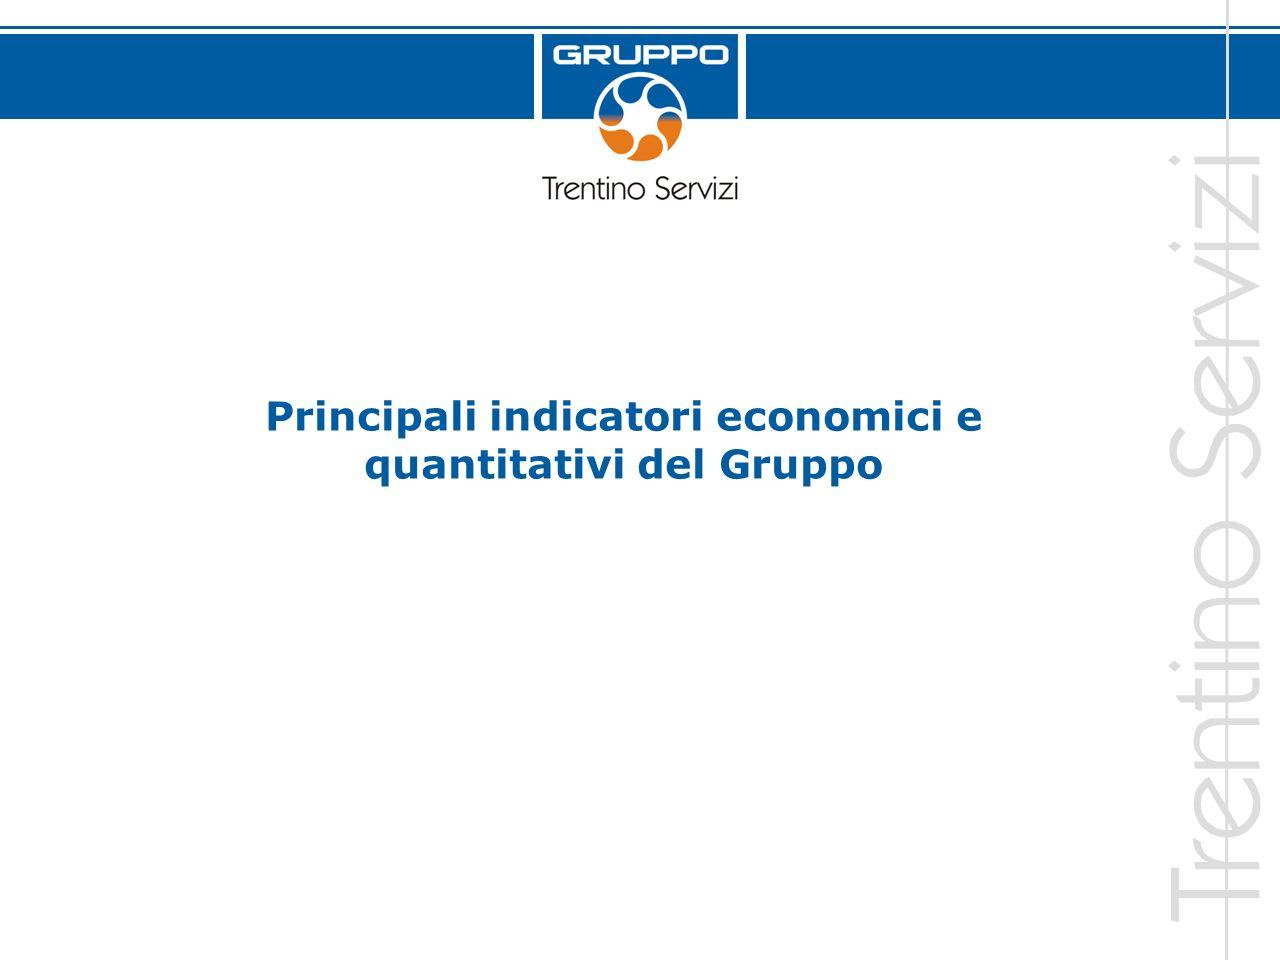 Principali indicatori economici e quantitativi del Gruppo